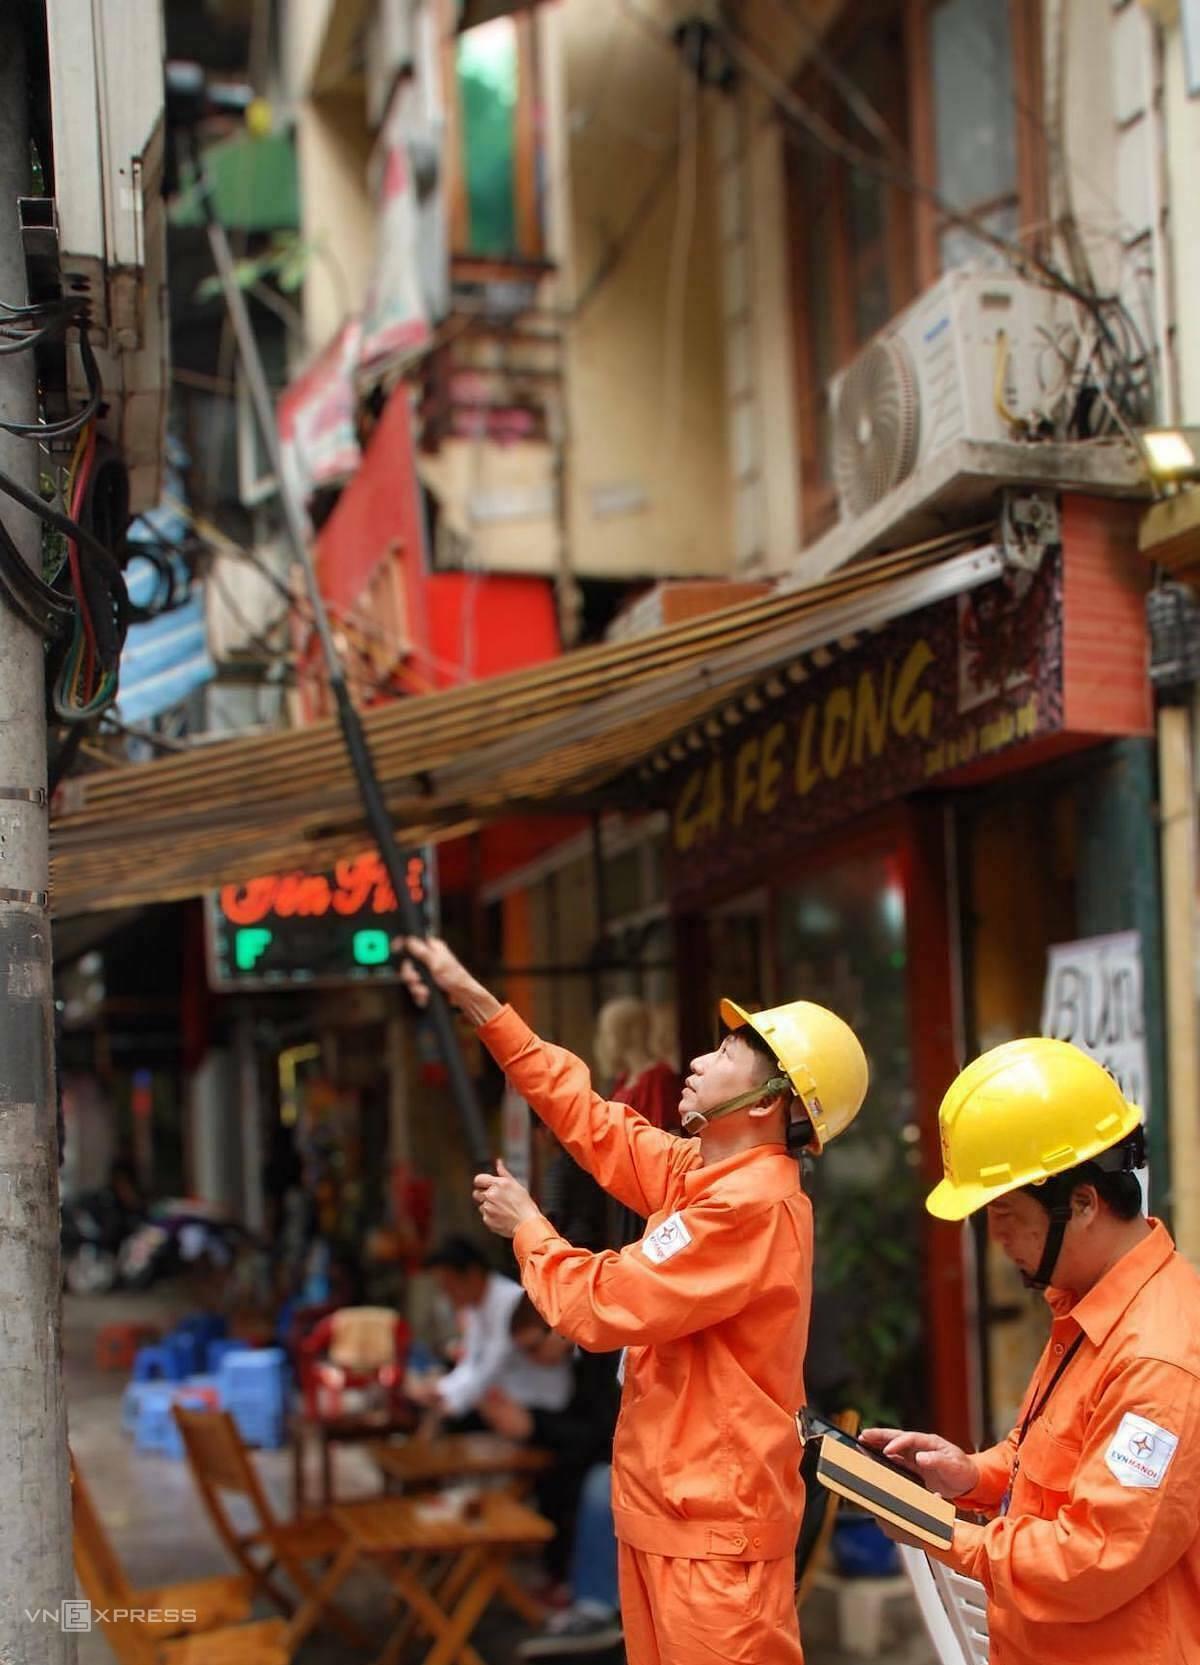 Công nhân điện lực Hà Nội ghi chỉ số điện tại khu vực còn sử dụng công tơ cơ, bằng camera và phần mềm máy tính bảng. Ảnh: Anh Minh